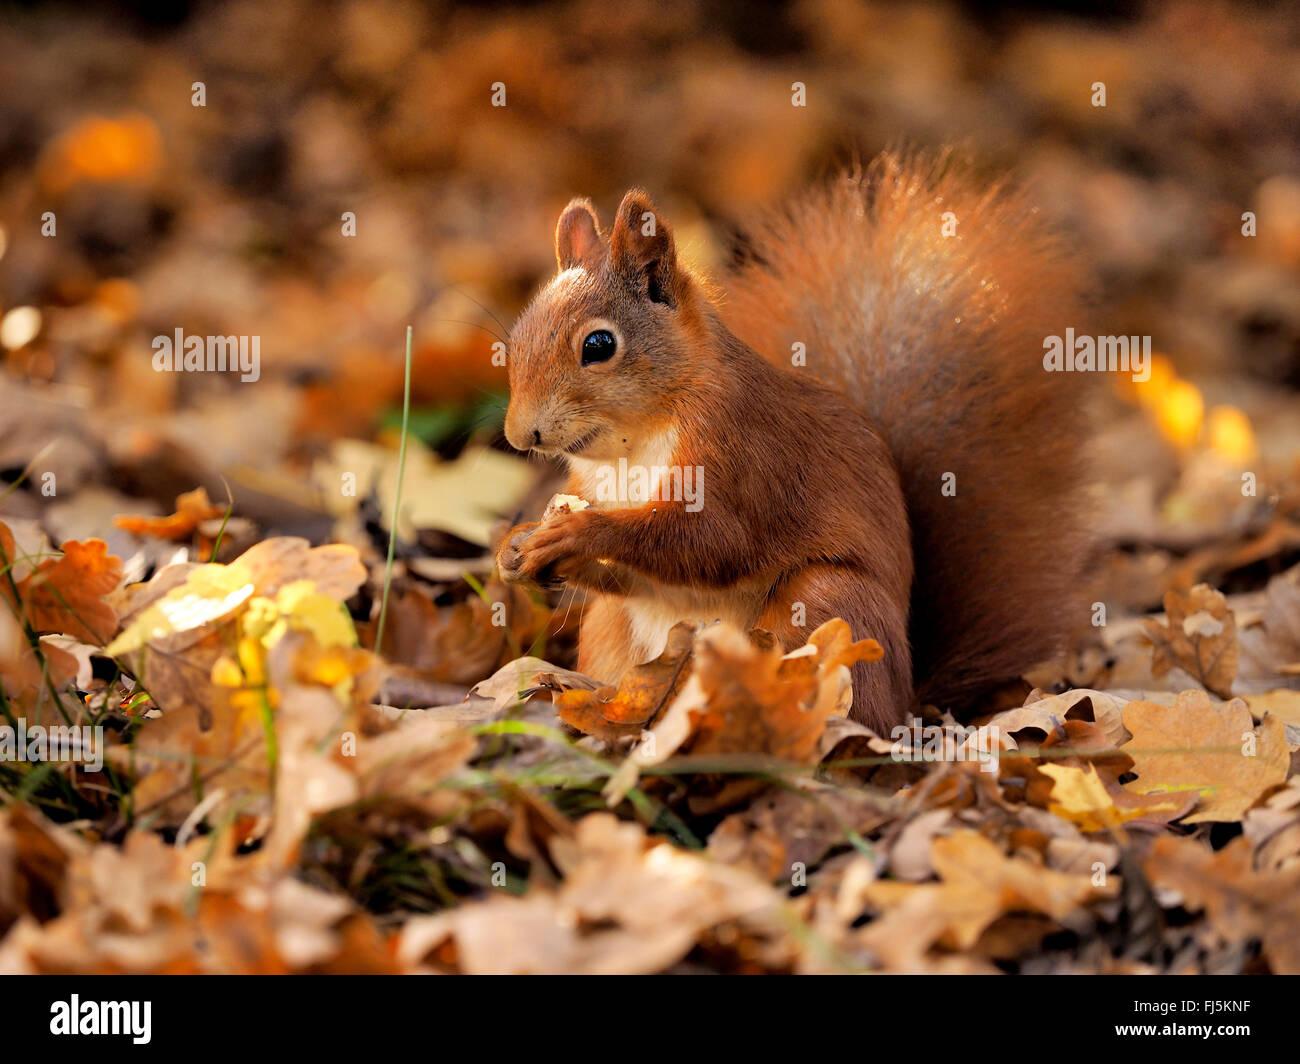 Unione scoiattolo rosso, Eurasian red scoiattolo (Sciurus vulgaris), seduta sul fogliame di autunno e mangiare, Immagini Stock